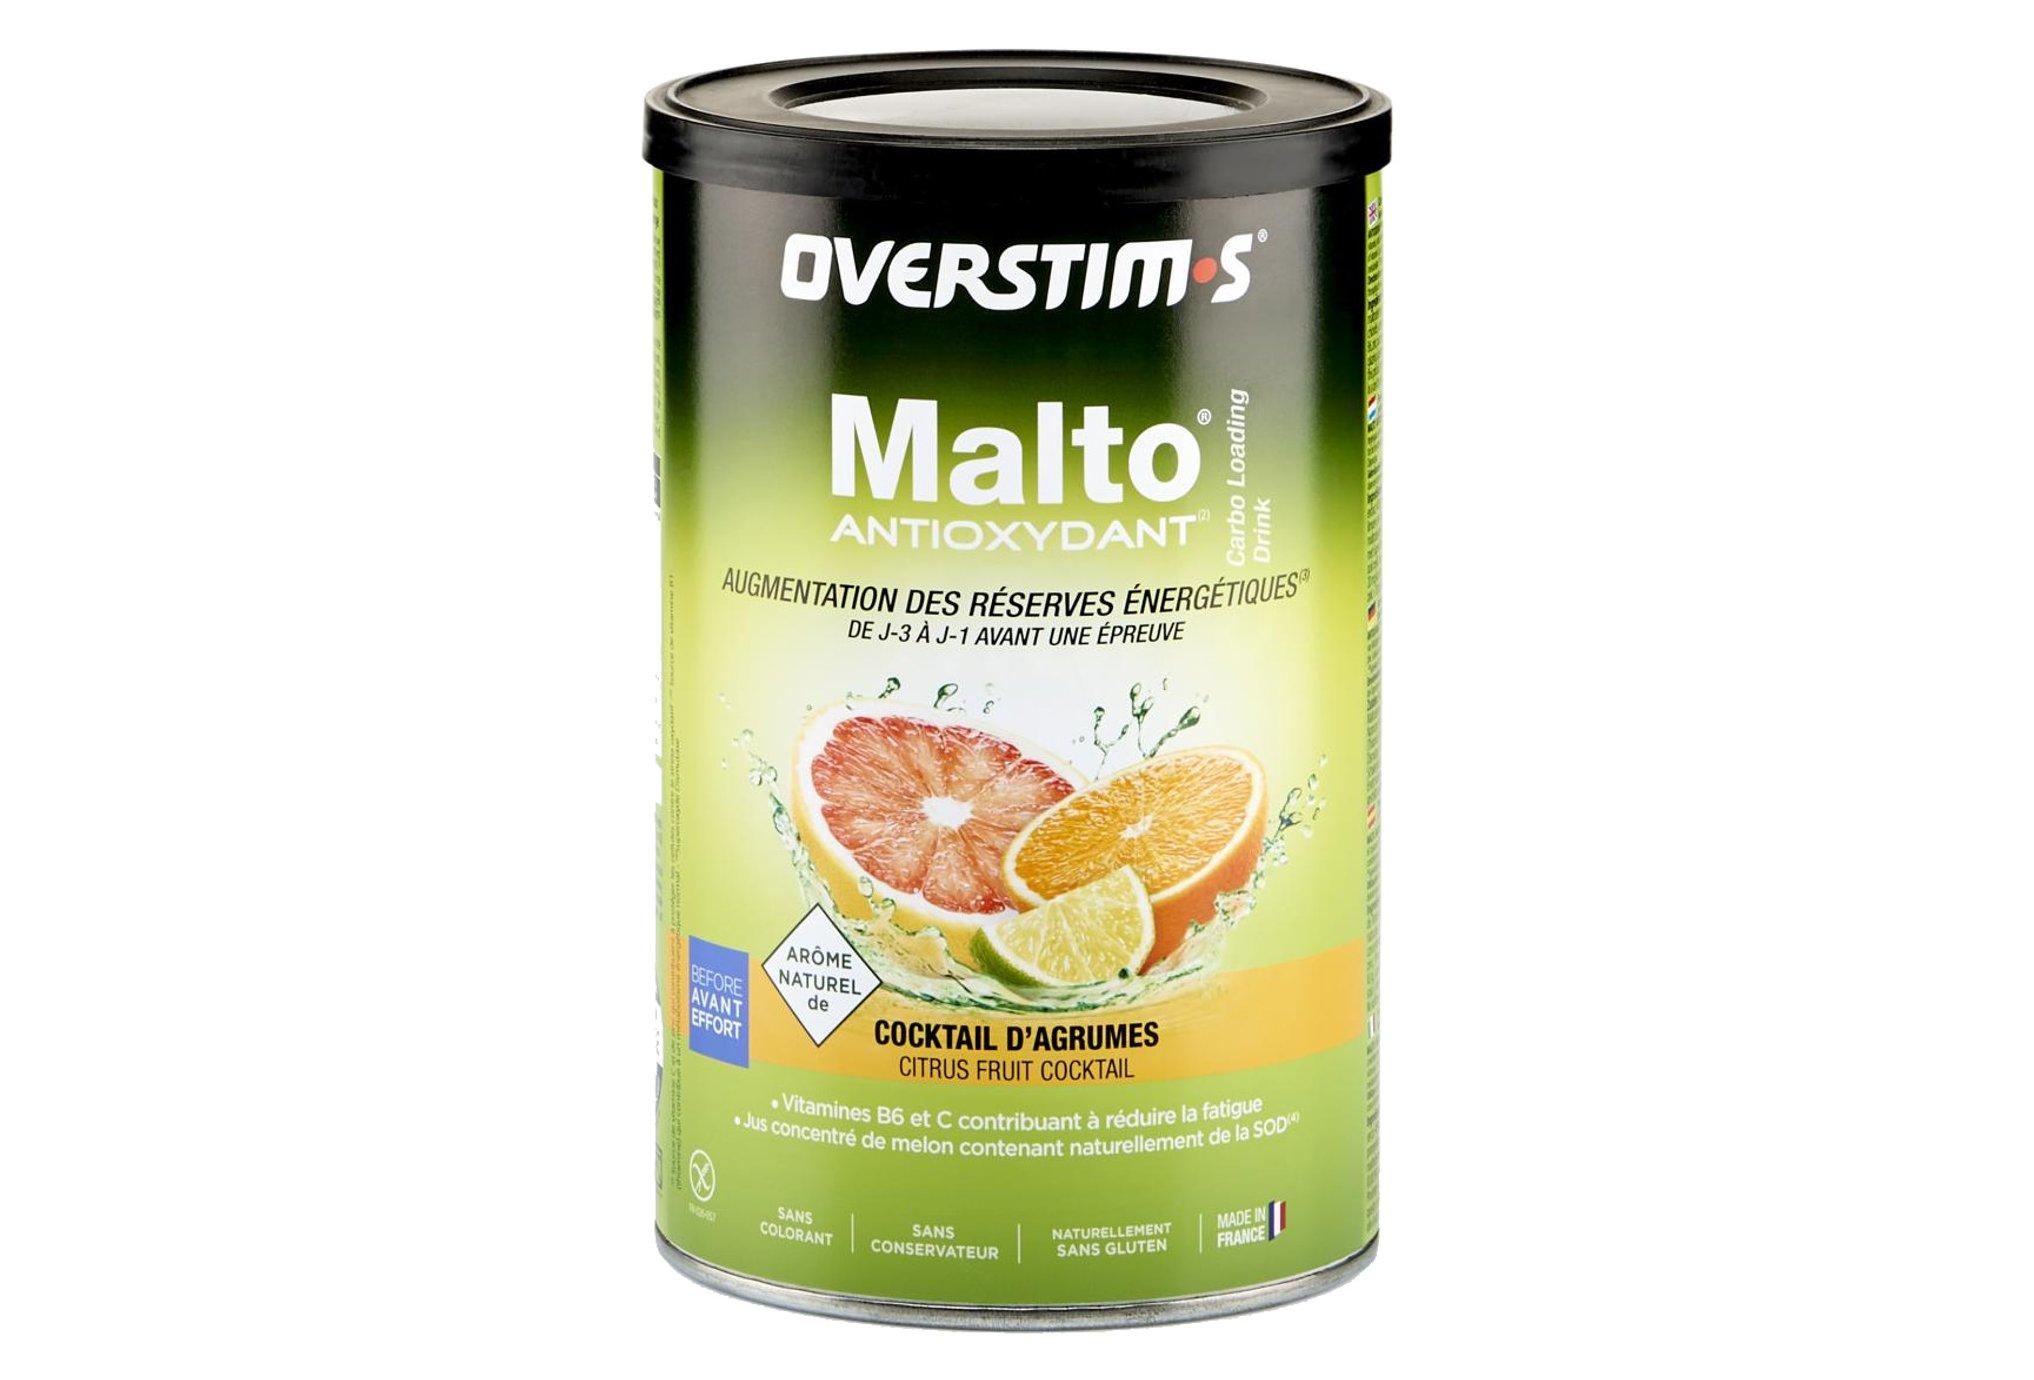 OVERSTIMS Malto Antioxydant 500 g - Cocktail d'agrumes Diététique Préparation